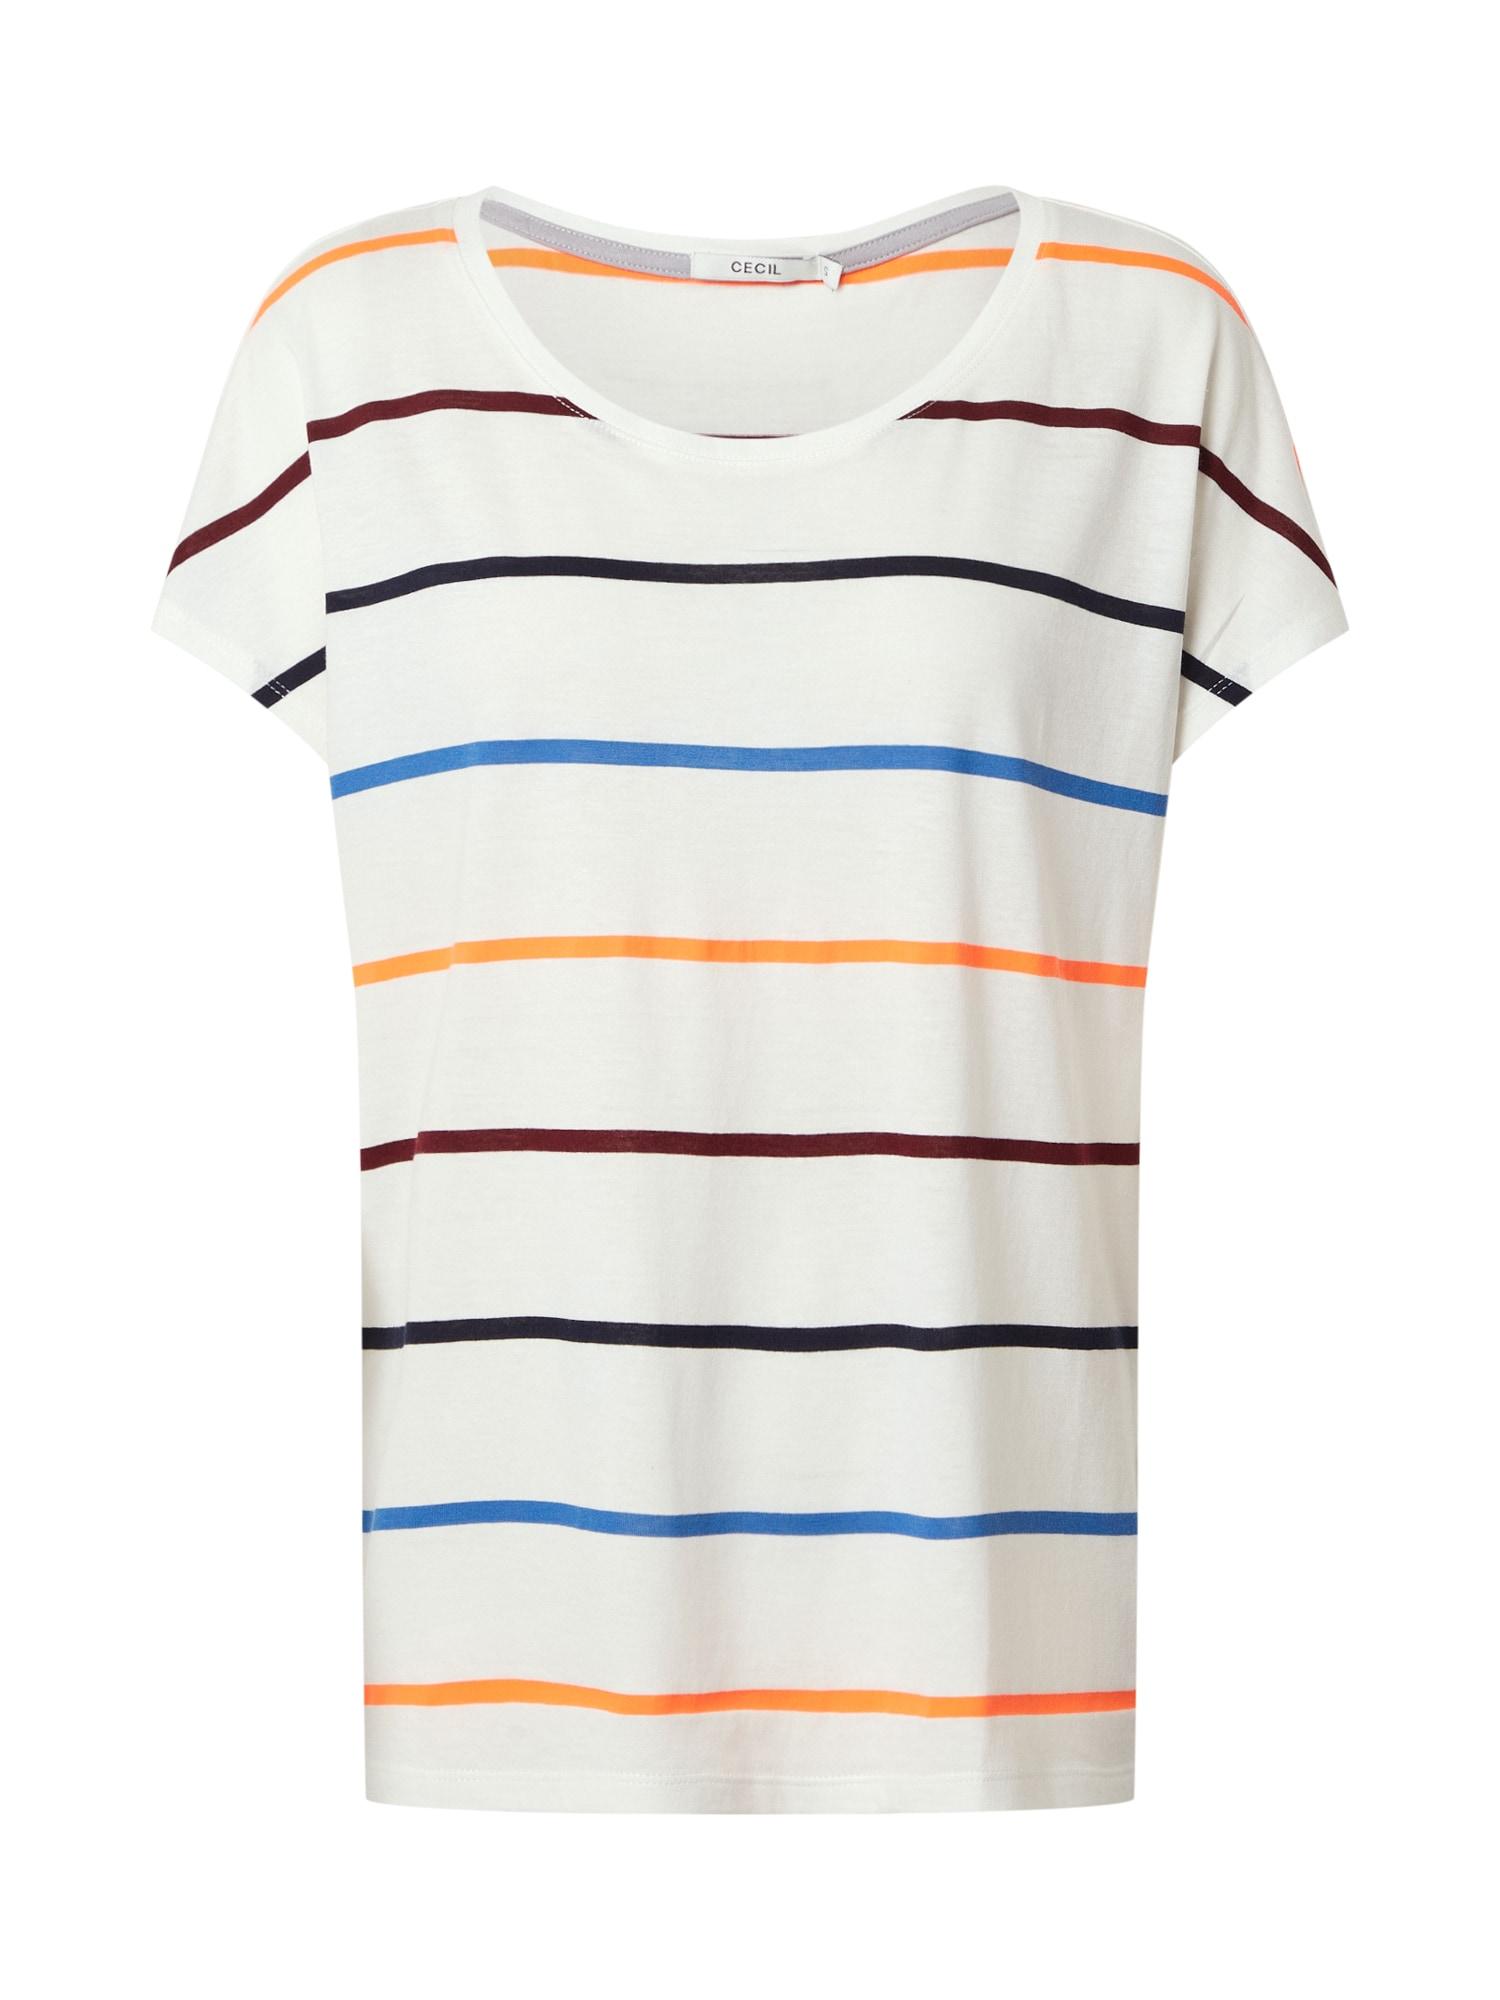 CECIL Marškinėliai tamsiai violetinė / balta / raudona / mėlyna